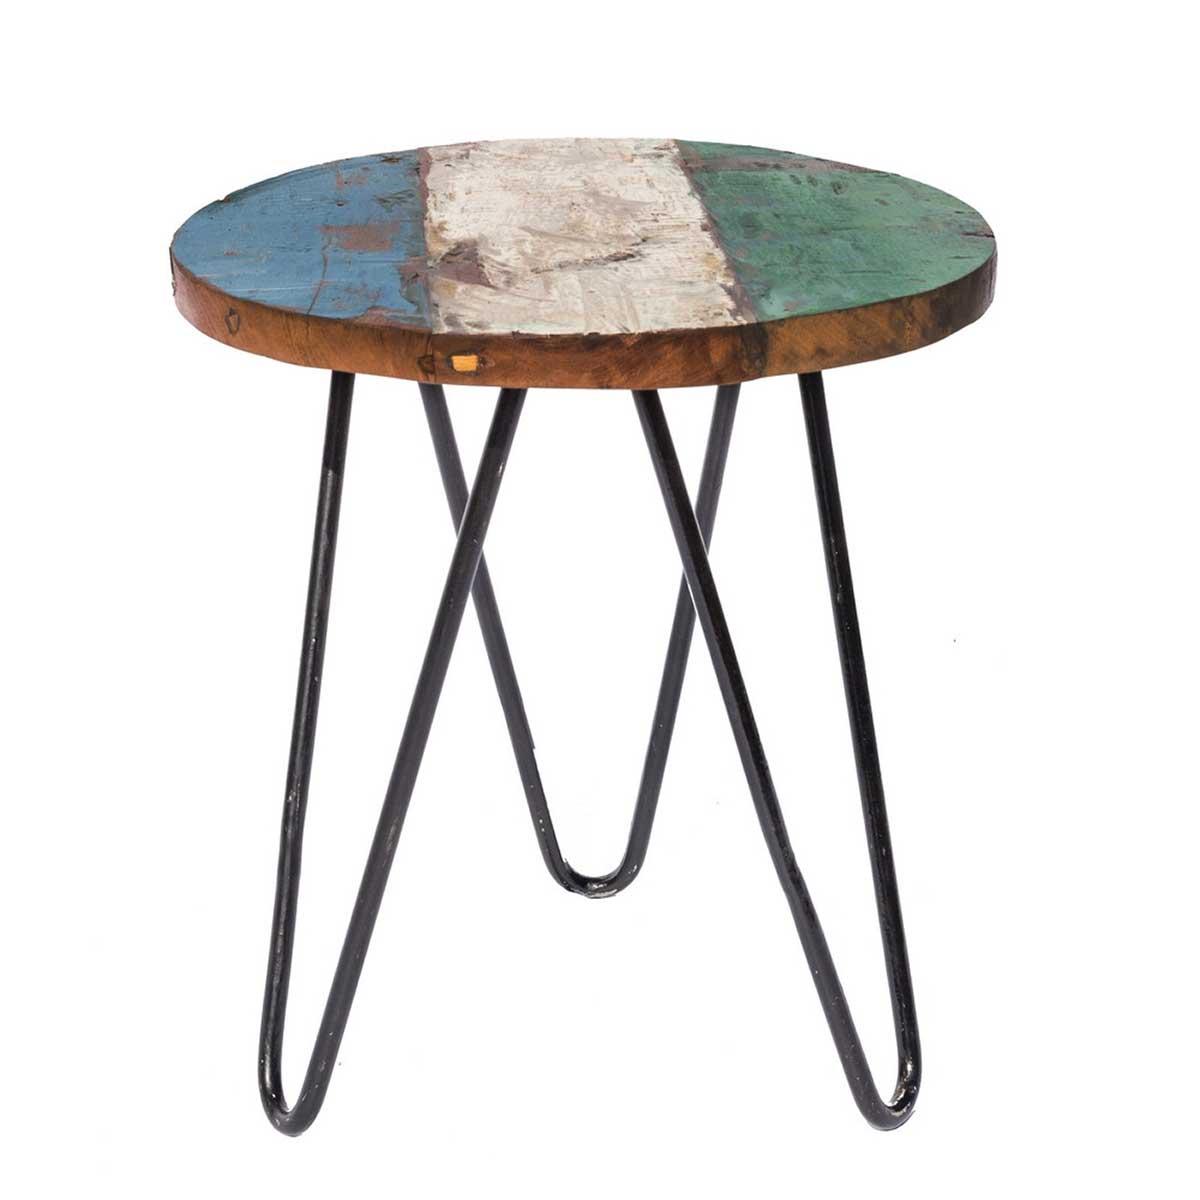 Table d'appoint ronde en teck coloré - Bleu blanc vert - 40.00 cm x 40.00 cm x 45.00 cm